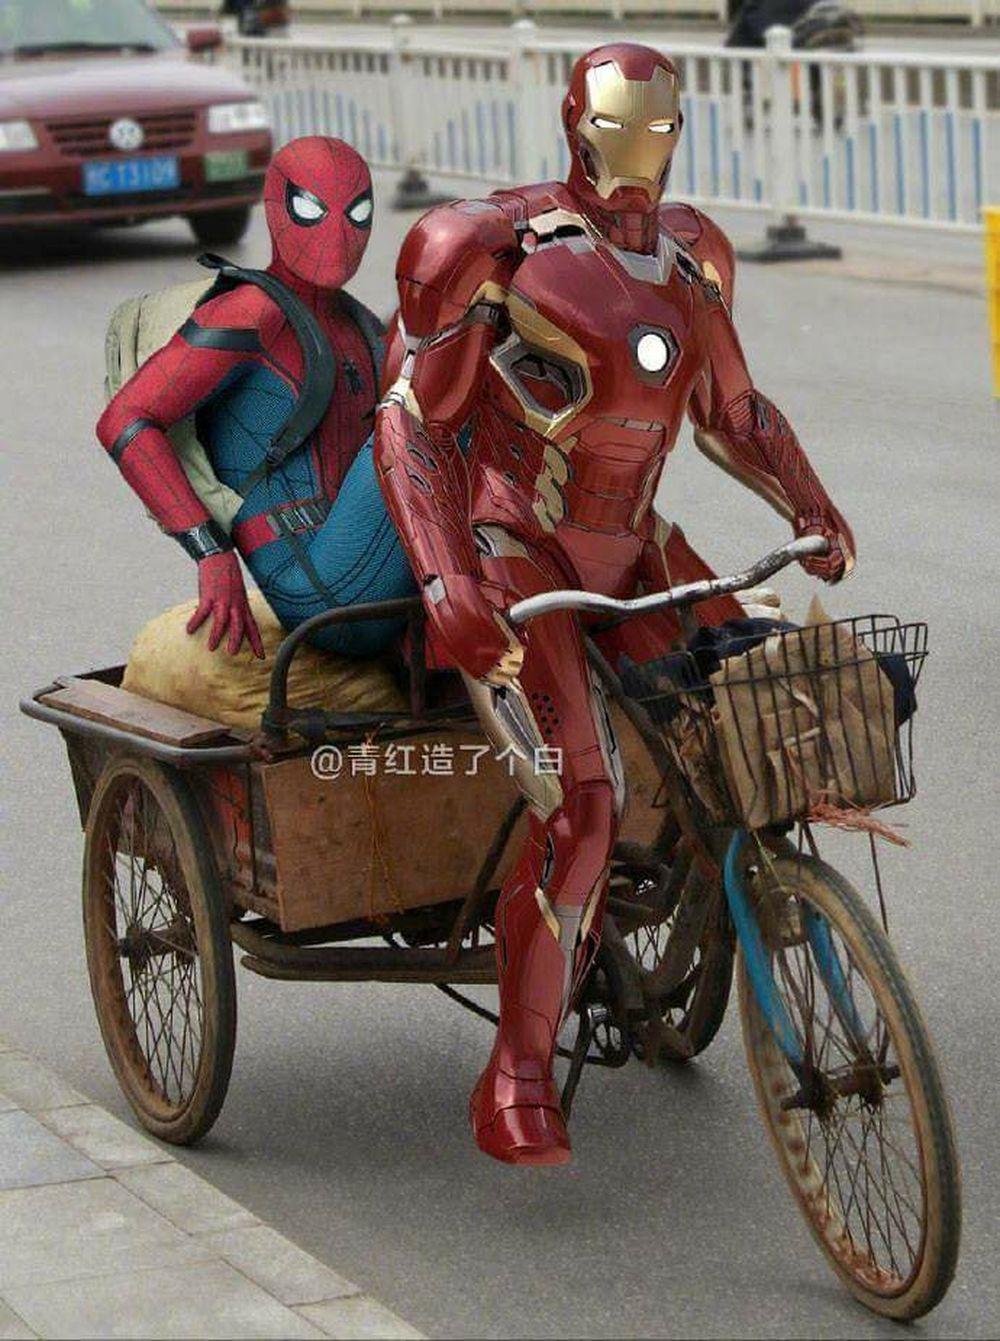 ảnh chế hài hước các siêu anh hùng